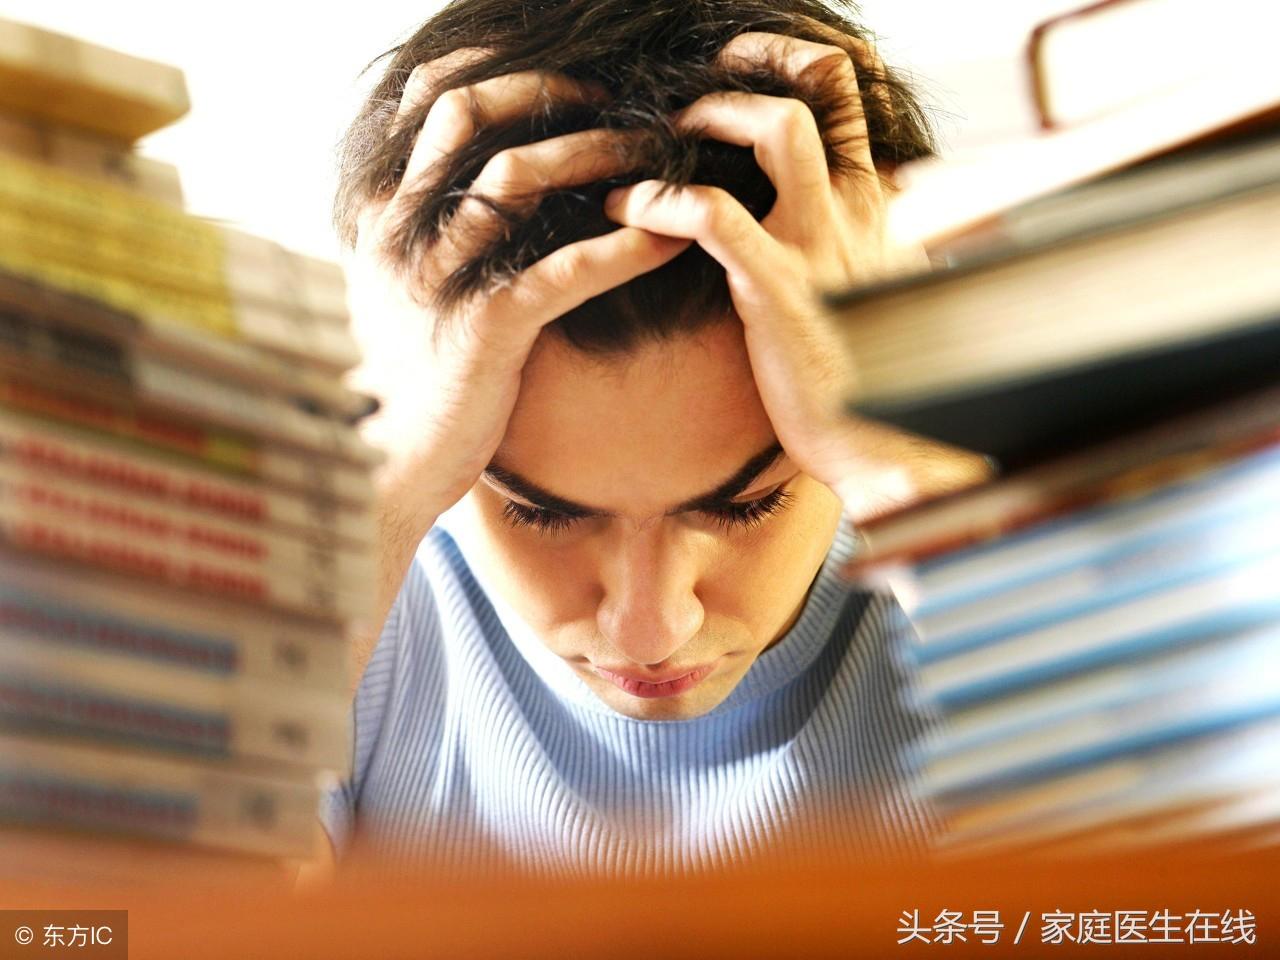 人人都焦虑的时代,焦虑症到底是怎样形成的?这4个是主因  第1张